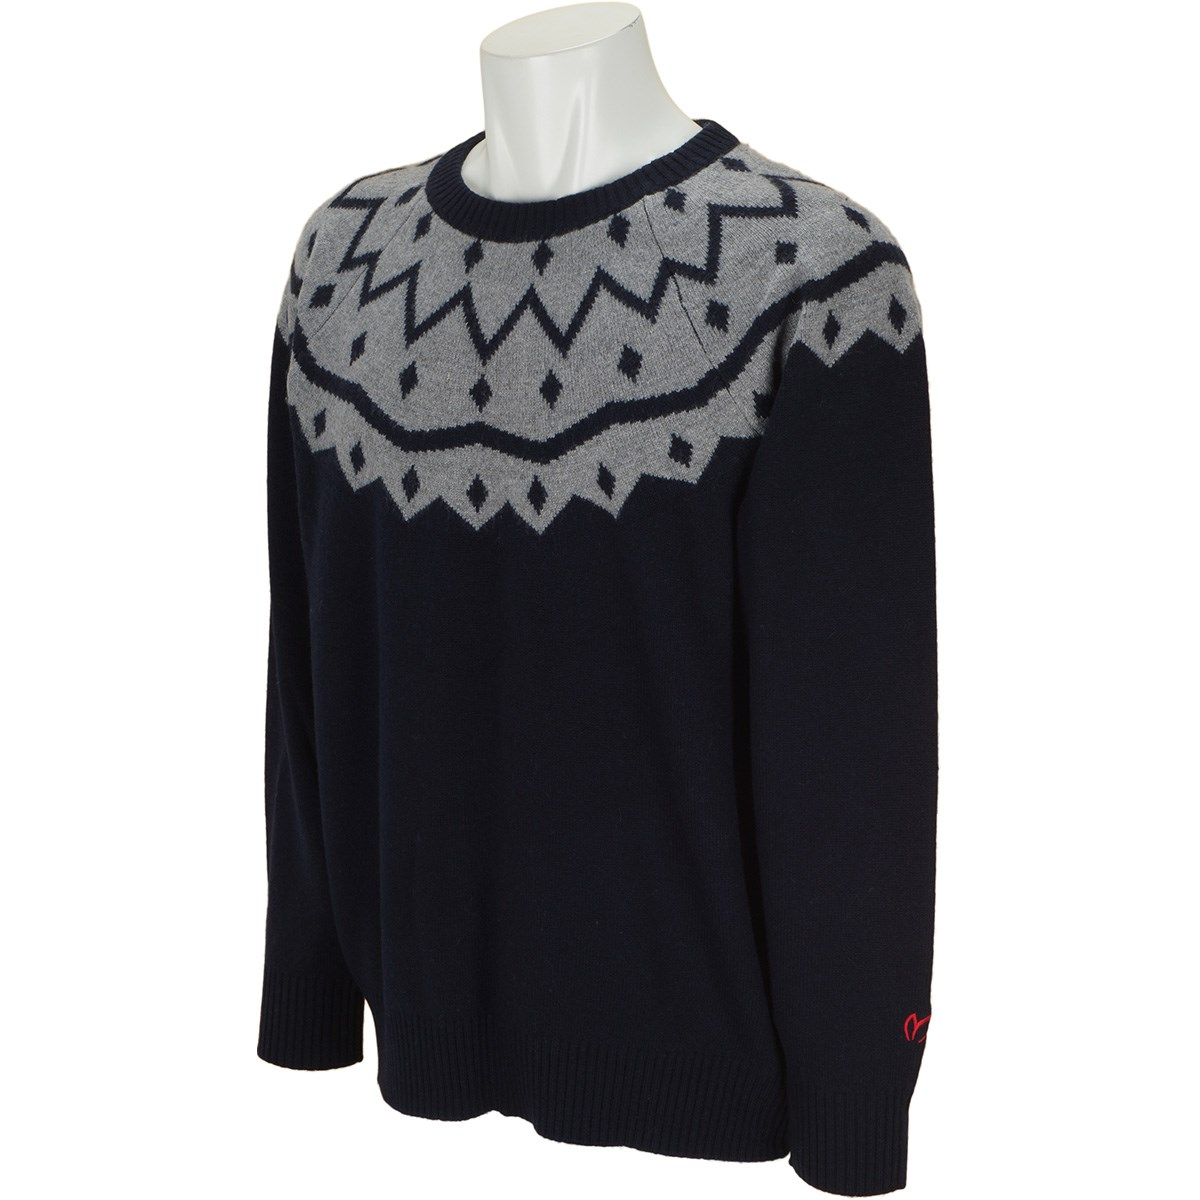 マスターバニーエディション ジャガードセーター